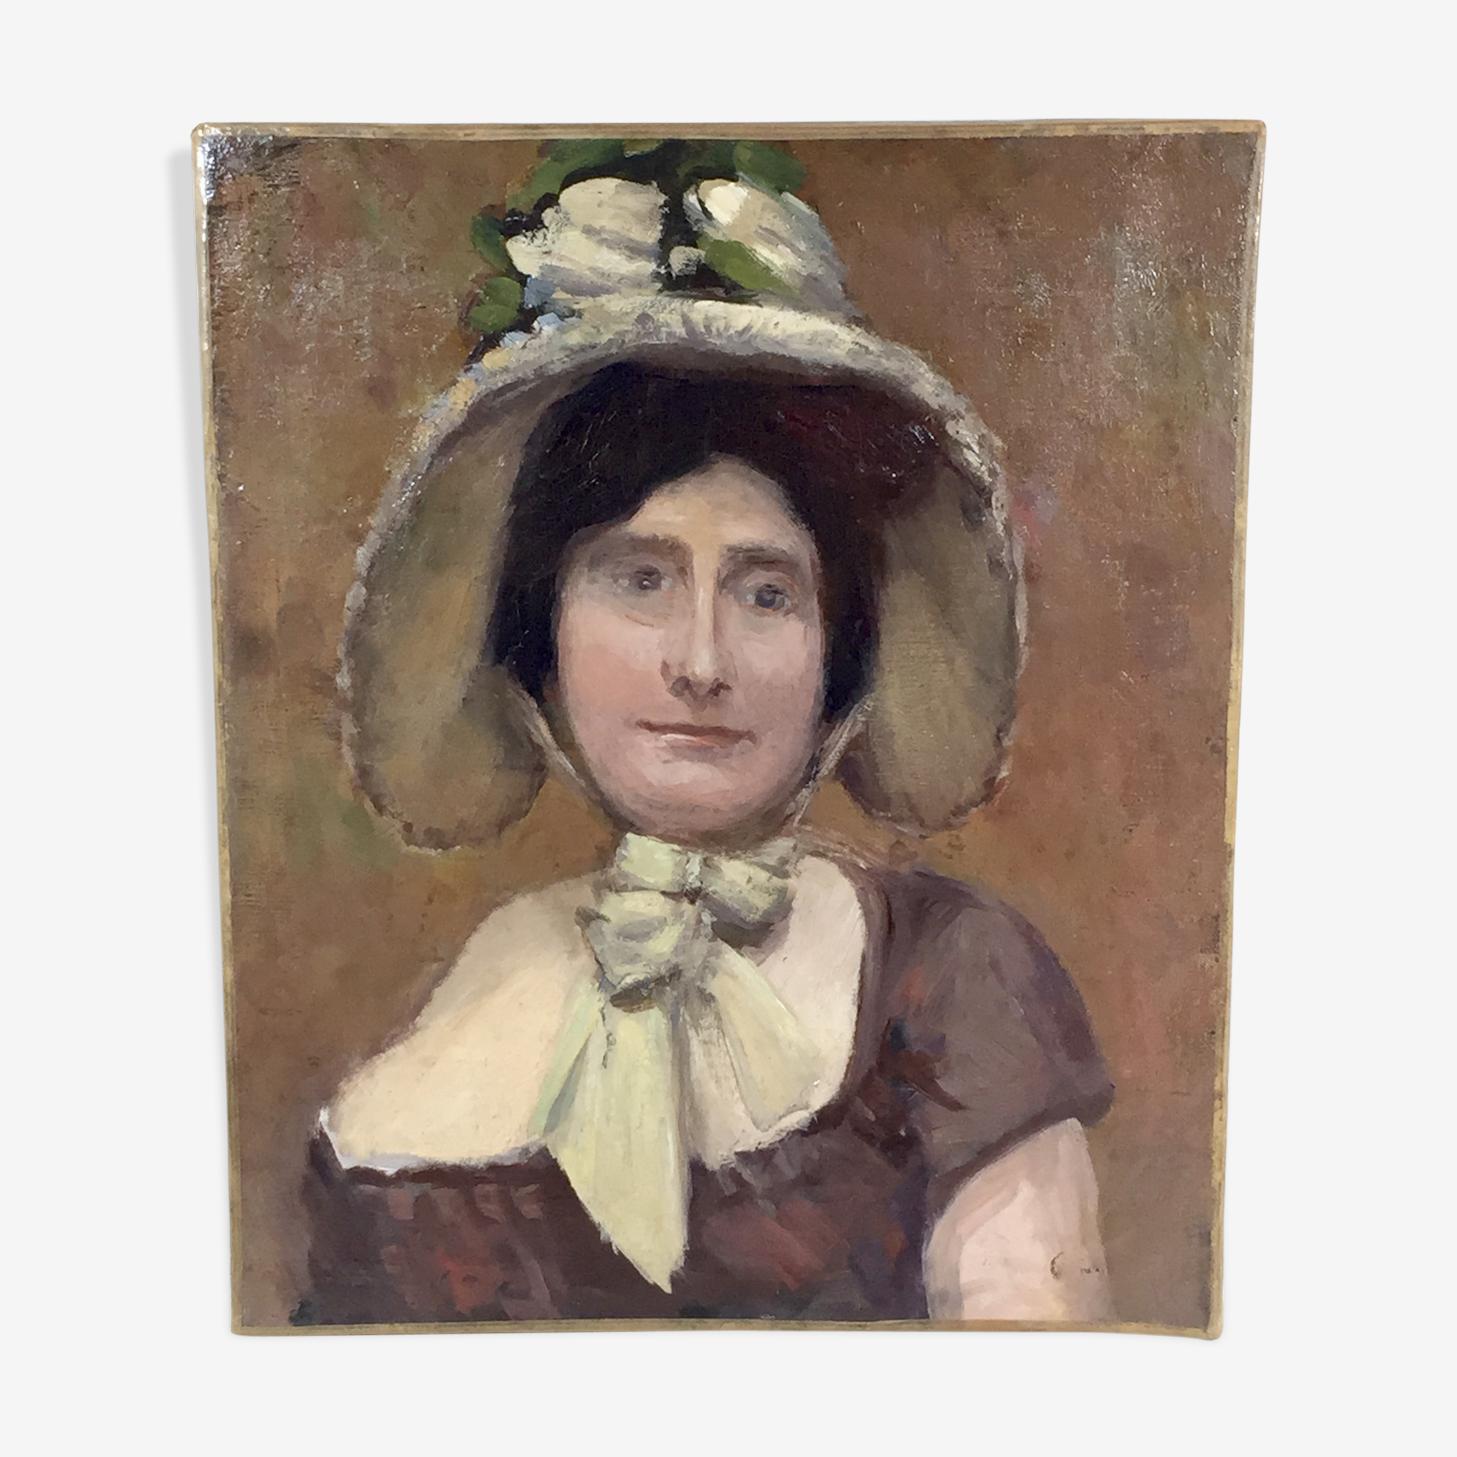 Portrait d'une femme vers 1900